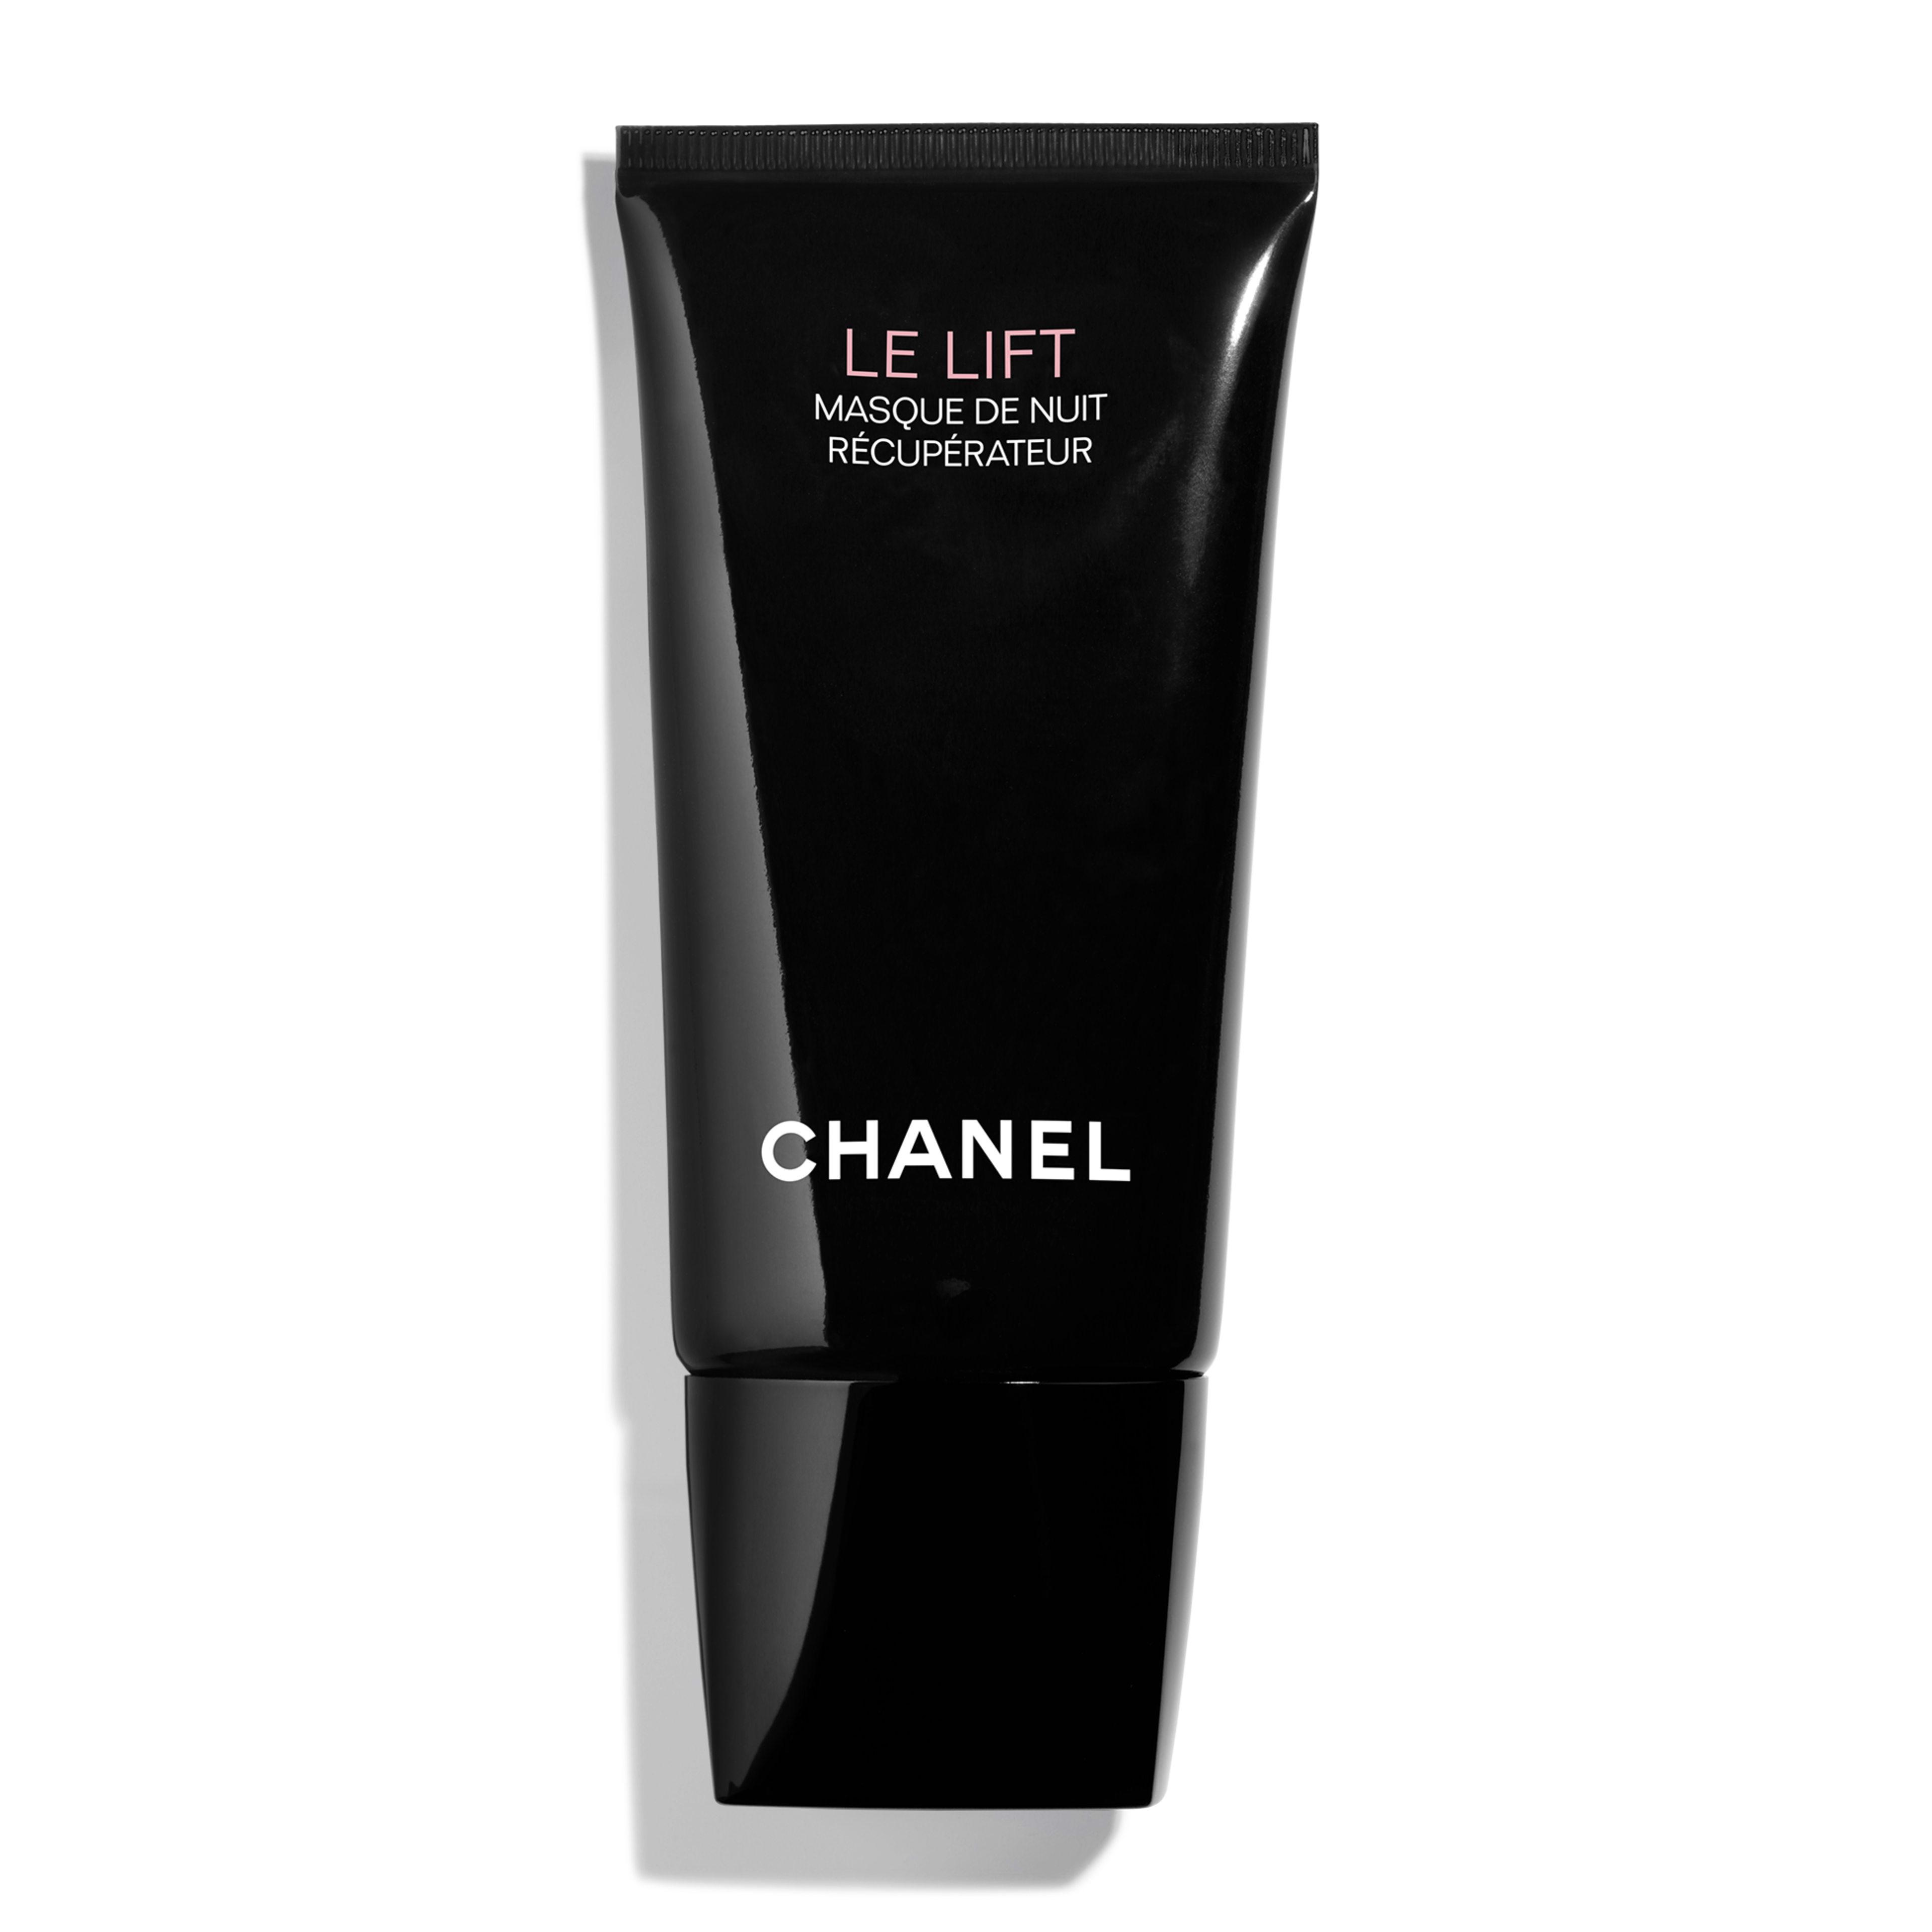 LE LIFT - skincare - 75ml - Widok domyślny